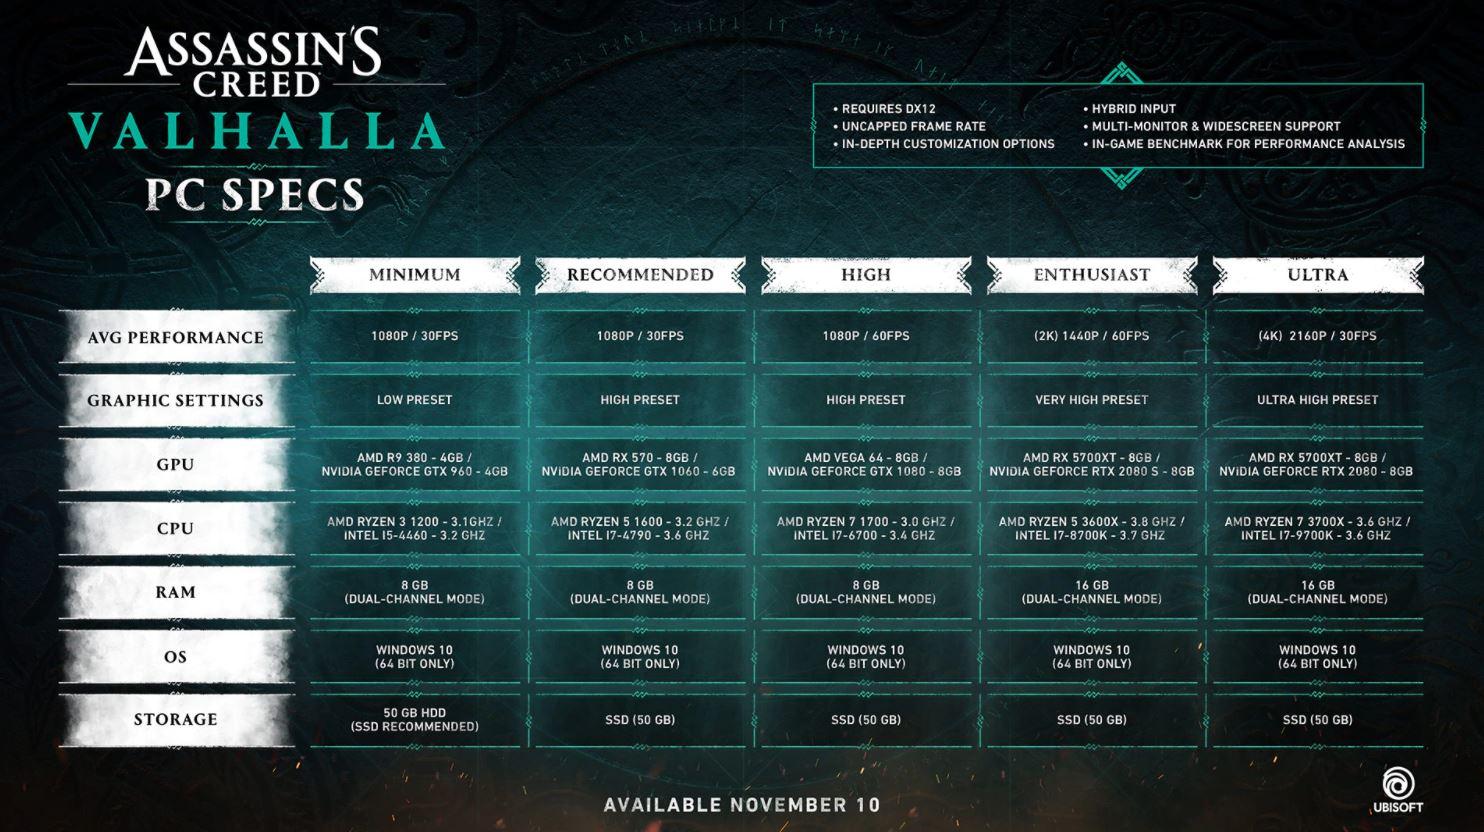 Begini Spesifikasi PC untuk Assassin's Creed Valhalla